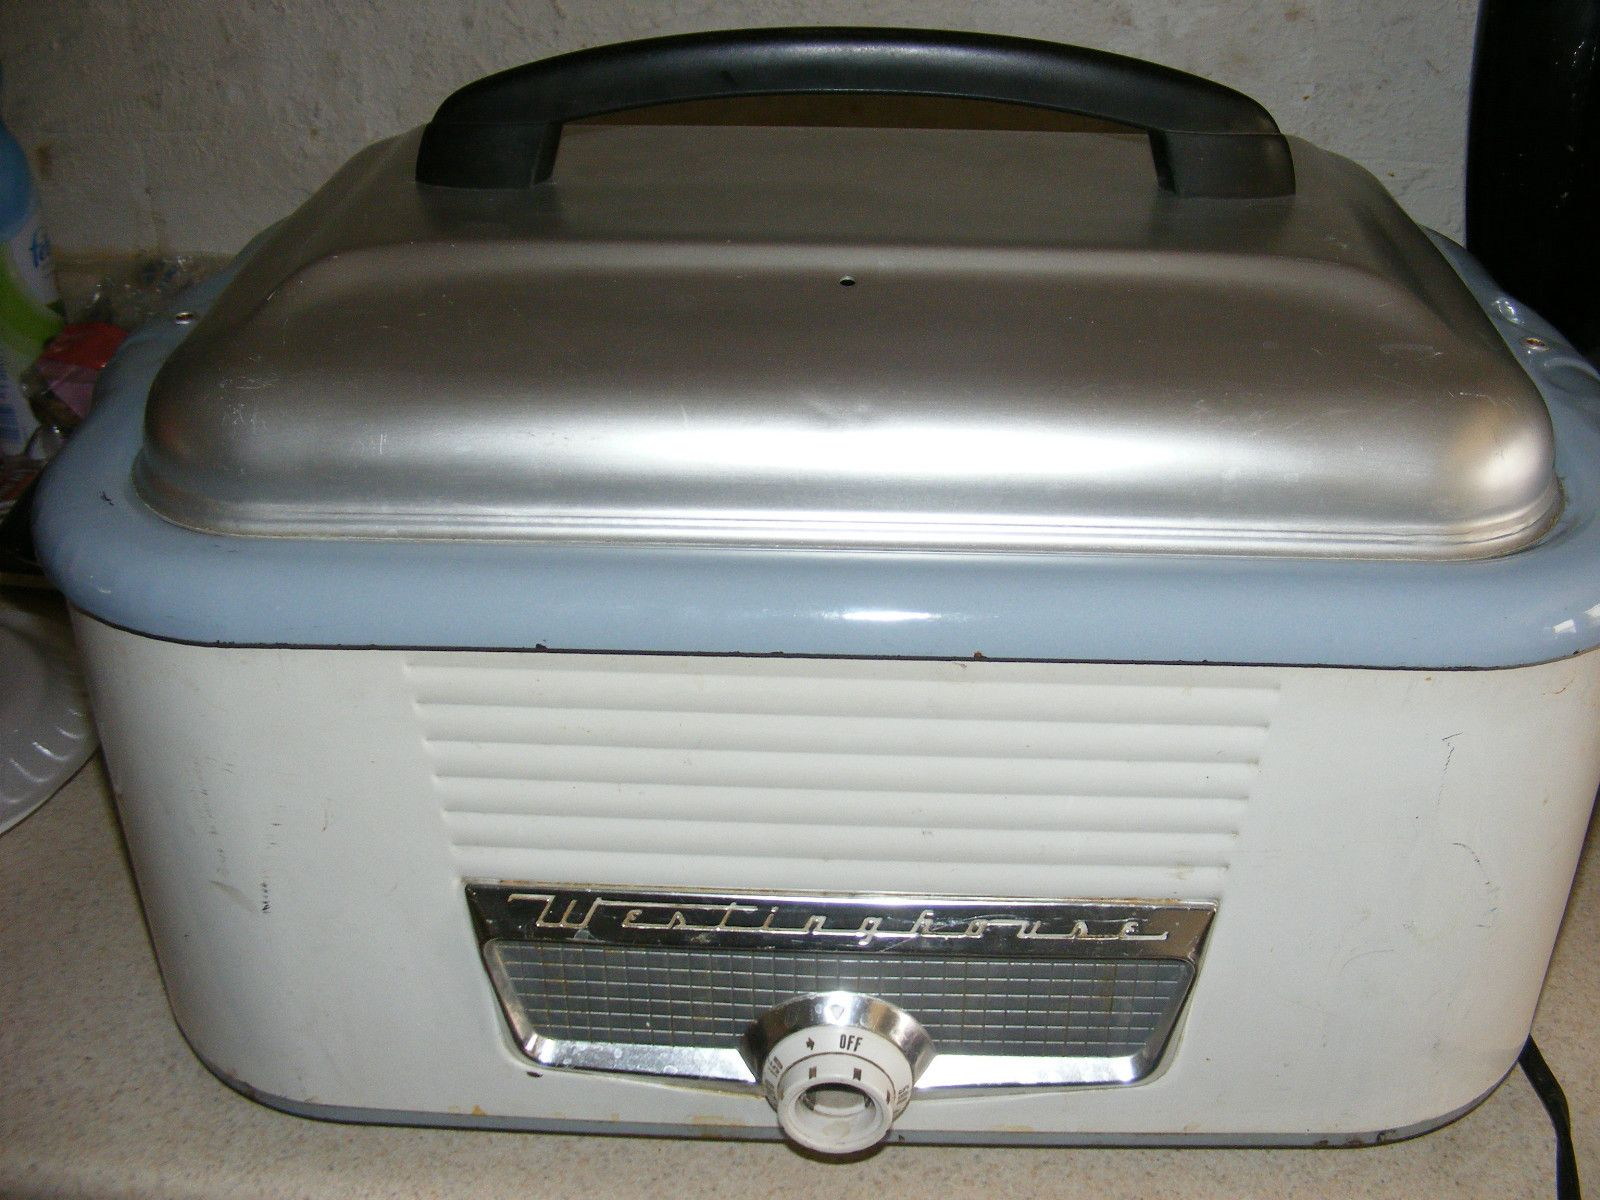 Vintage 1950u0027s Westinghouse Roaster Oven 18 Quart Electric Roaster Oven  Works